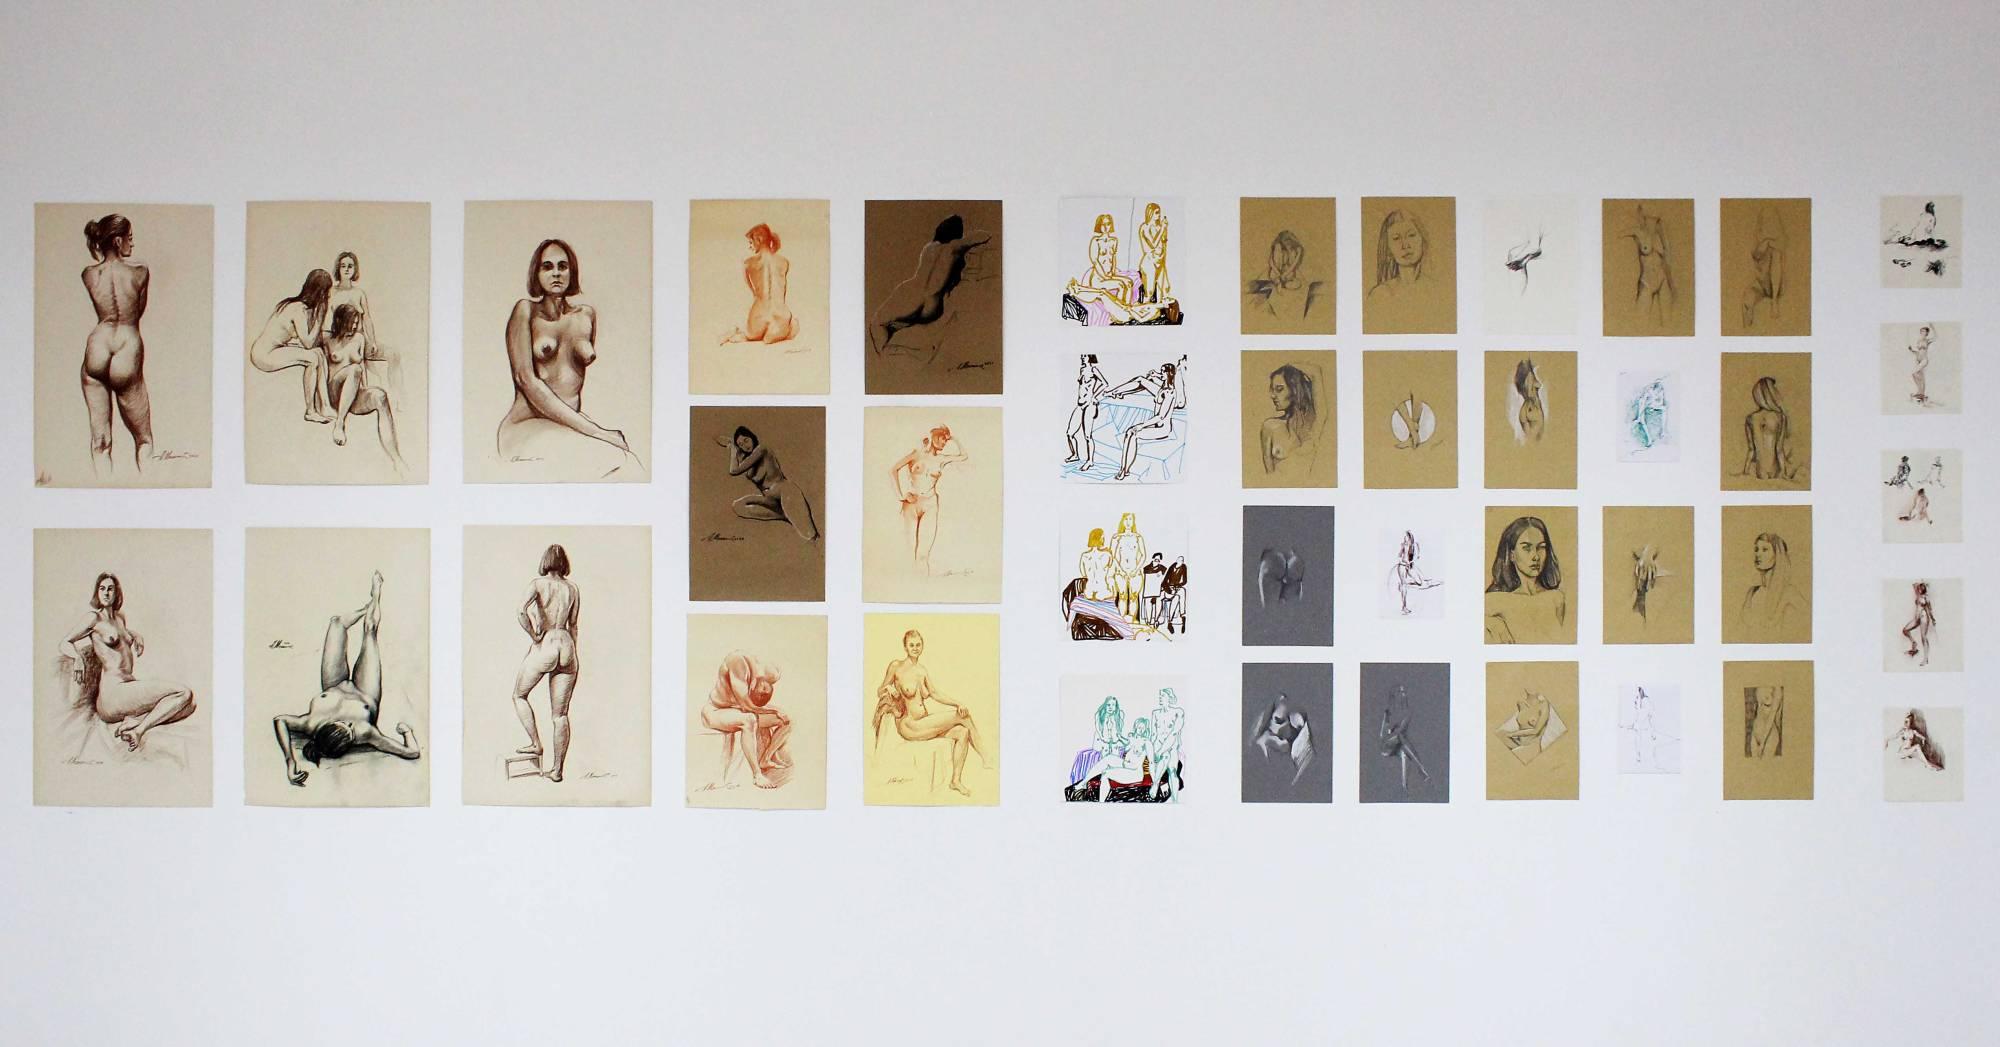 У Франківську відкрили виставку вечірнього рисунку (ФОТО)